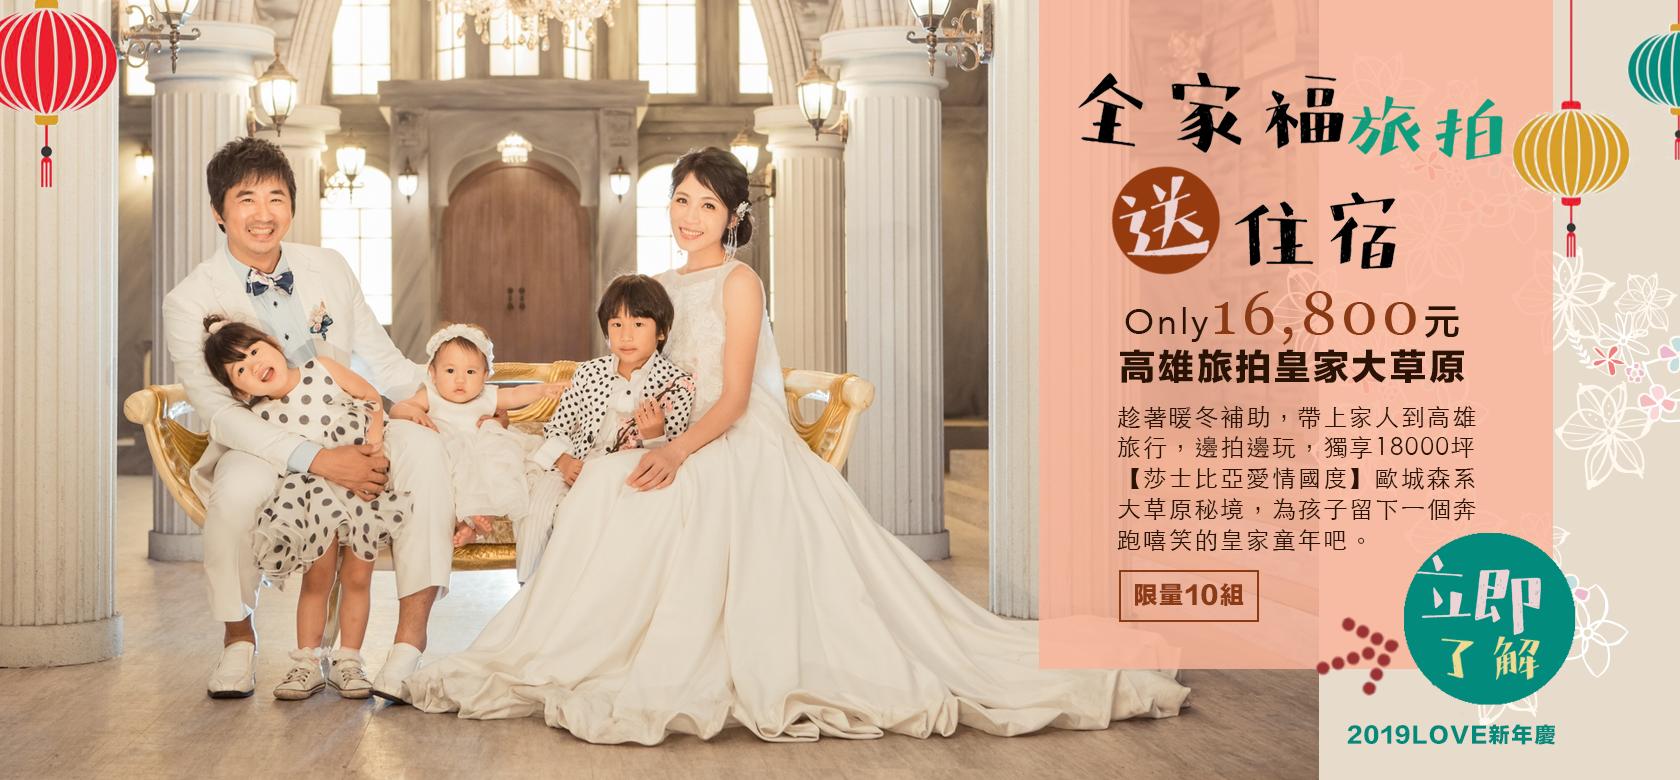 2019新年慶B-官網2_1